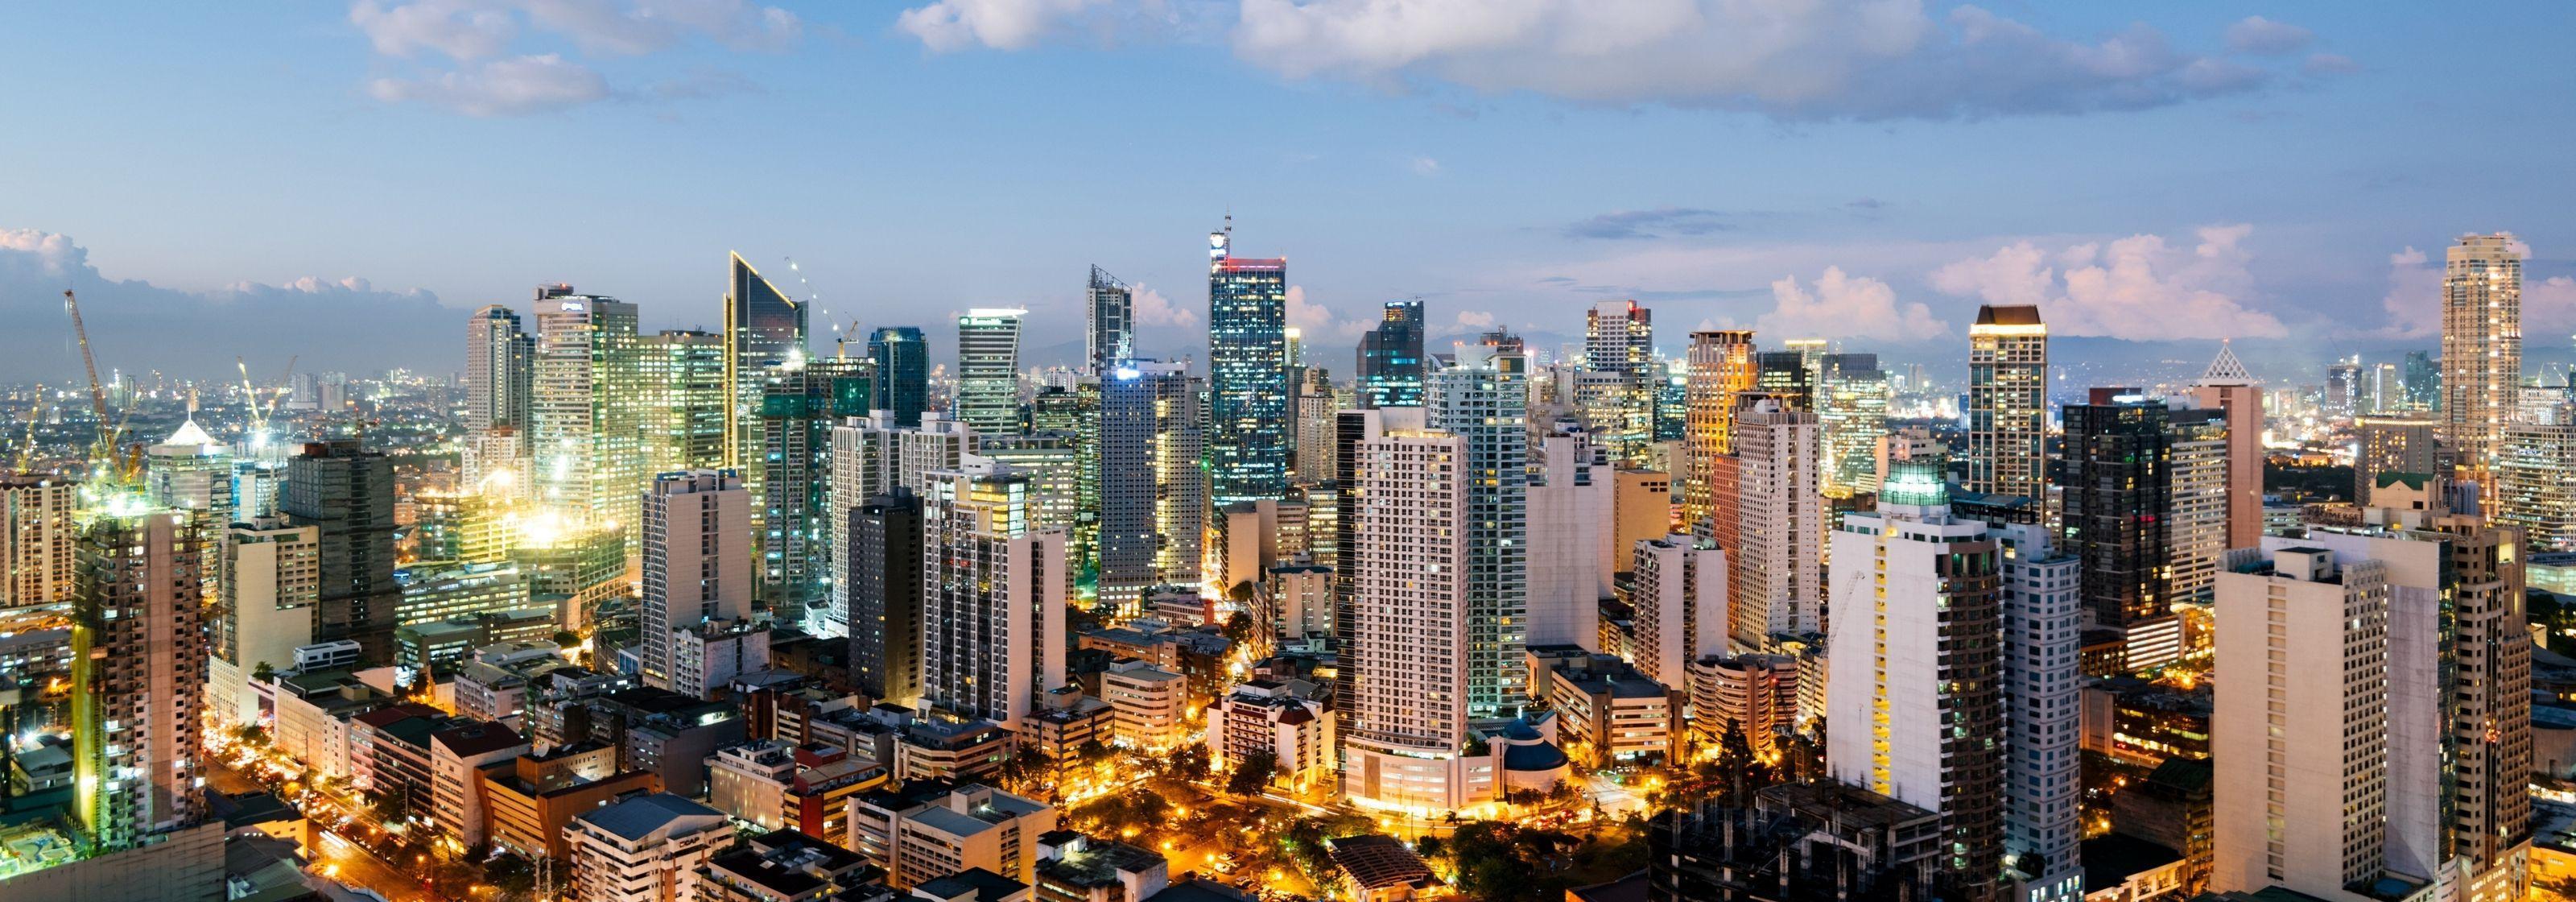 Cose da fare a Manila